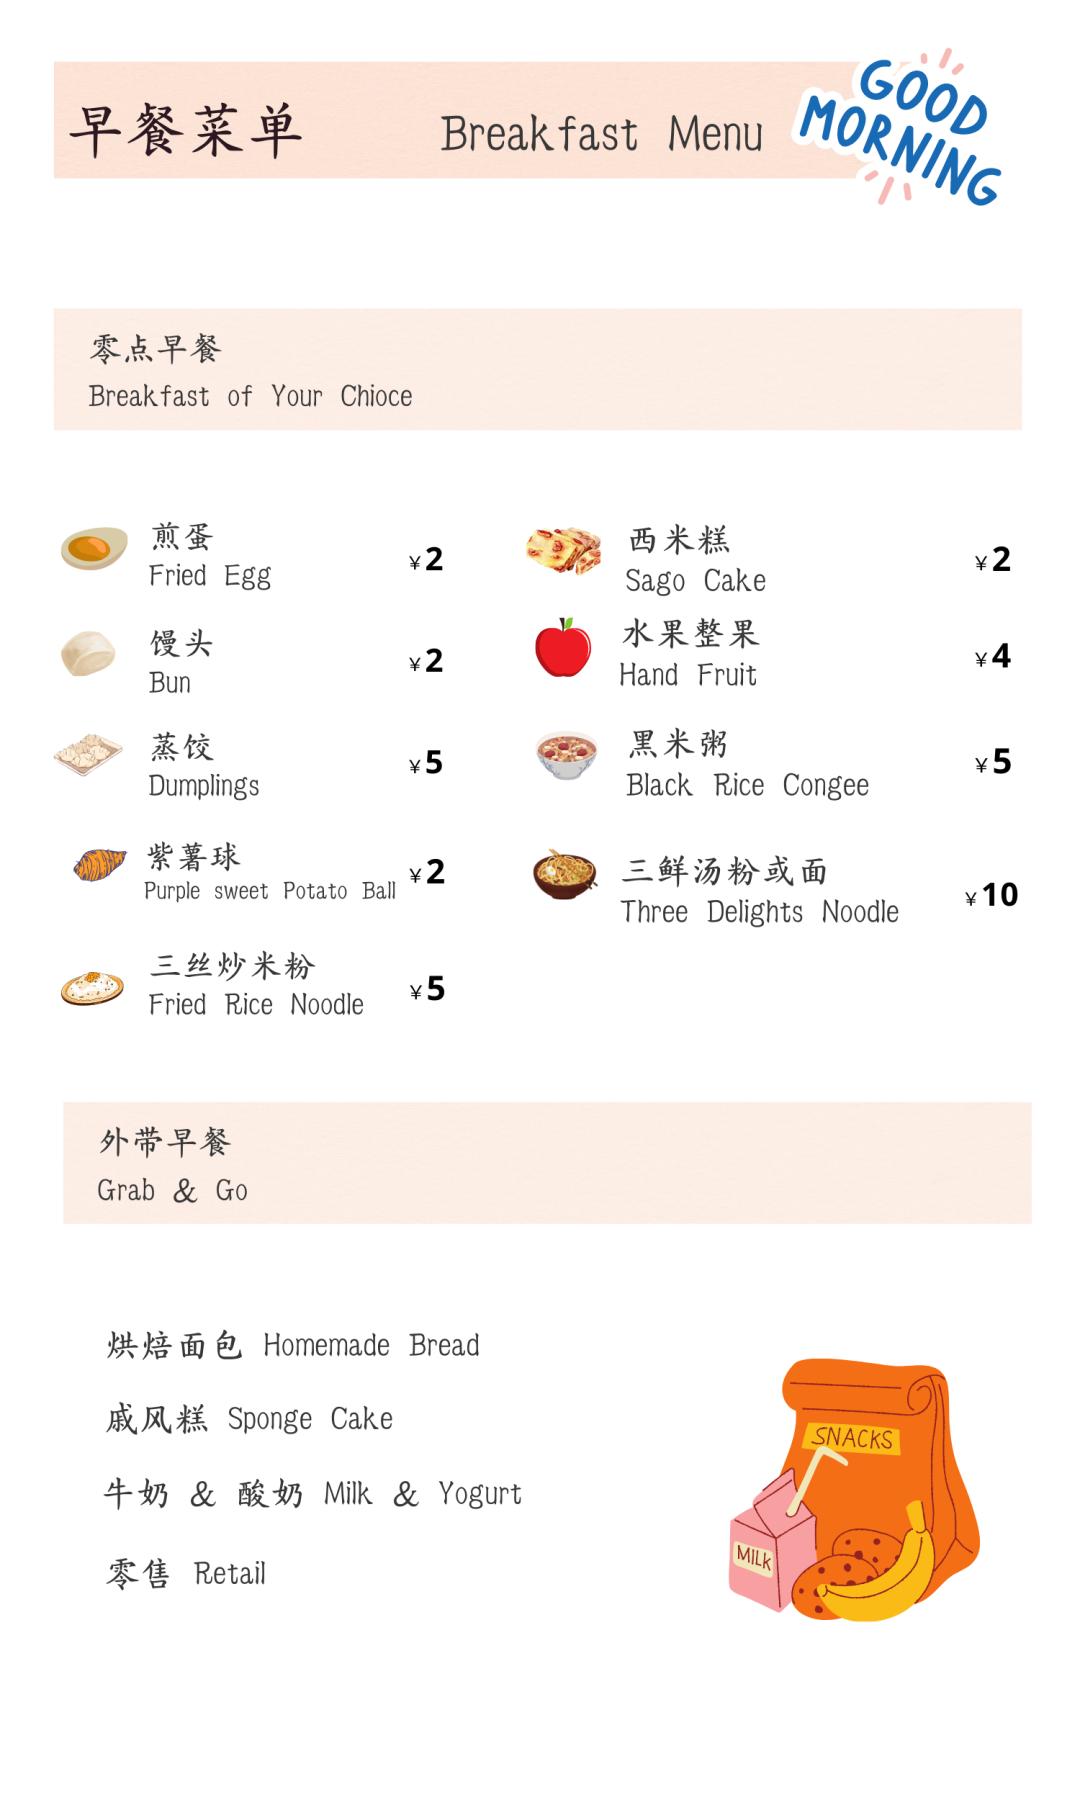 深国交的师生在冬天不出门便可以品尝到经典的节日美食啦  深国交 深圳国际交流学院 学在国交 第11张